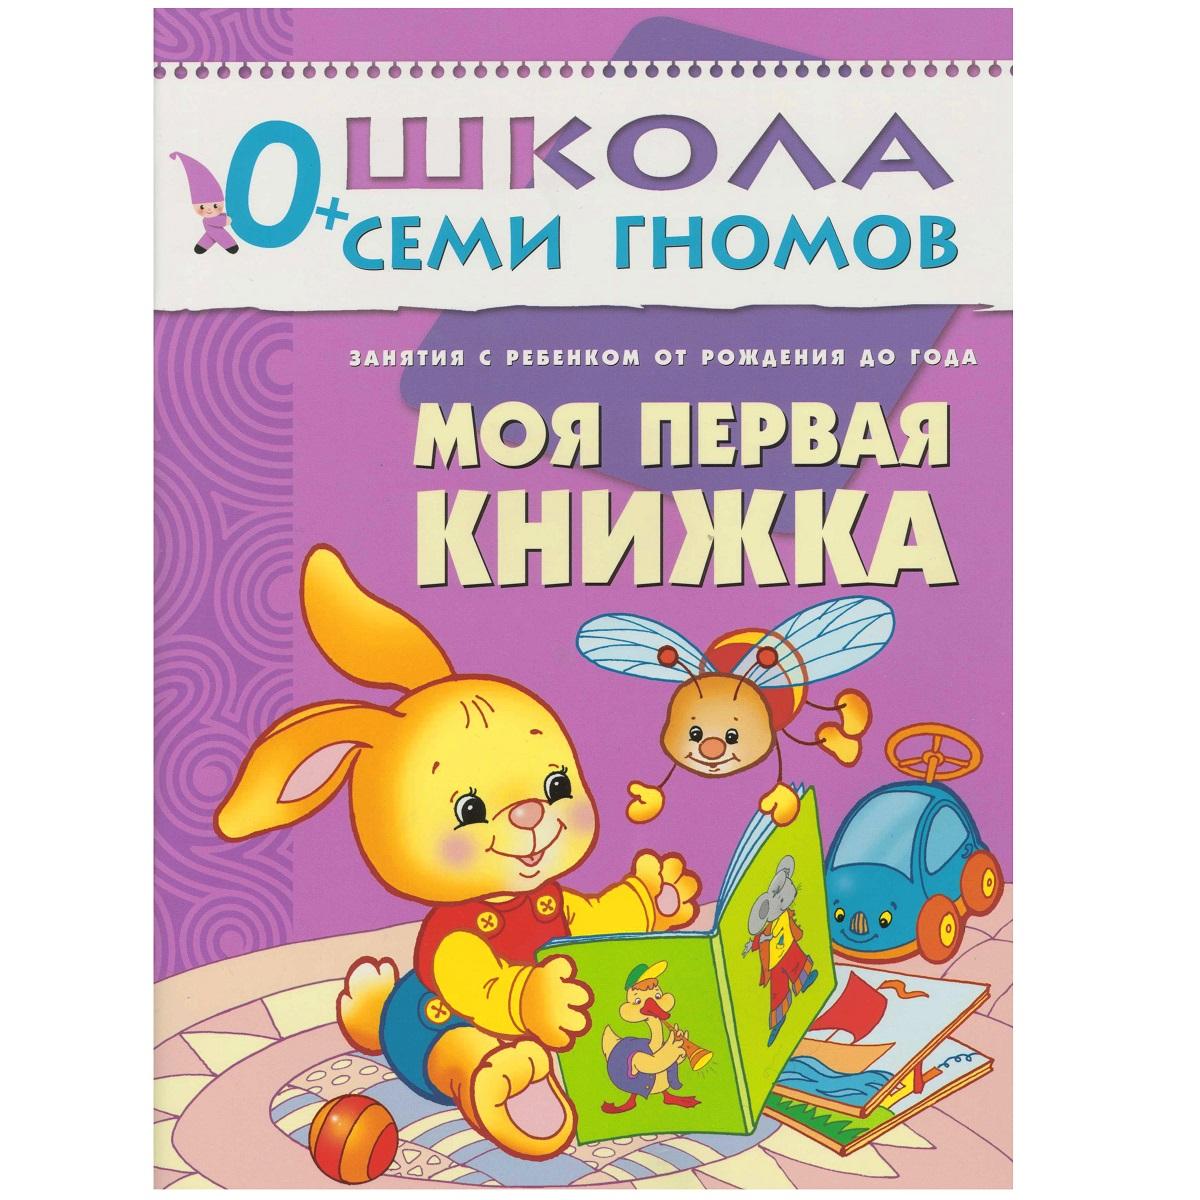 Книга из серии Школа Семи Гномов - Первый год обучения. Моя первая книжкаОбучающие книги<br>Книга из серии Школа Семи Гномов - Первый год обучения. Моя первая книжка<br>